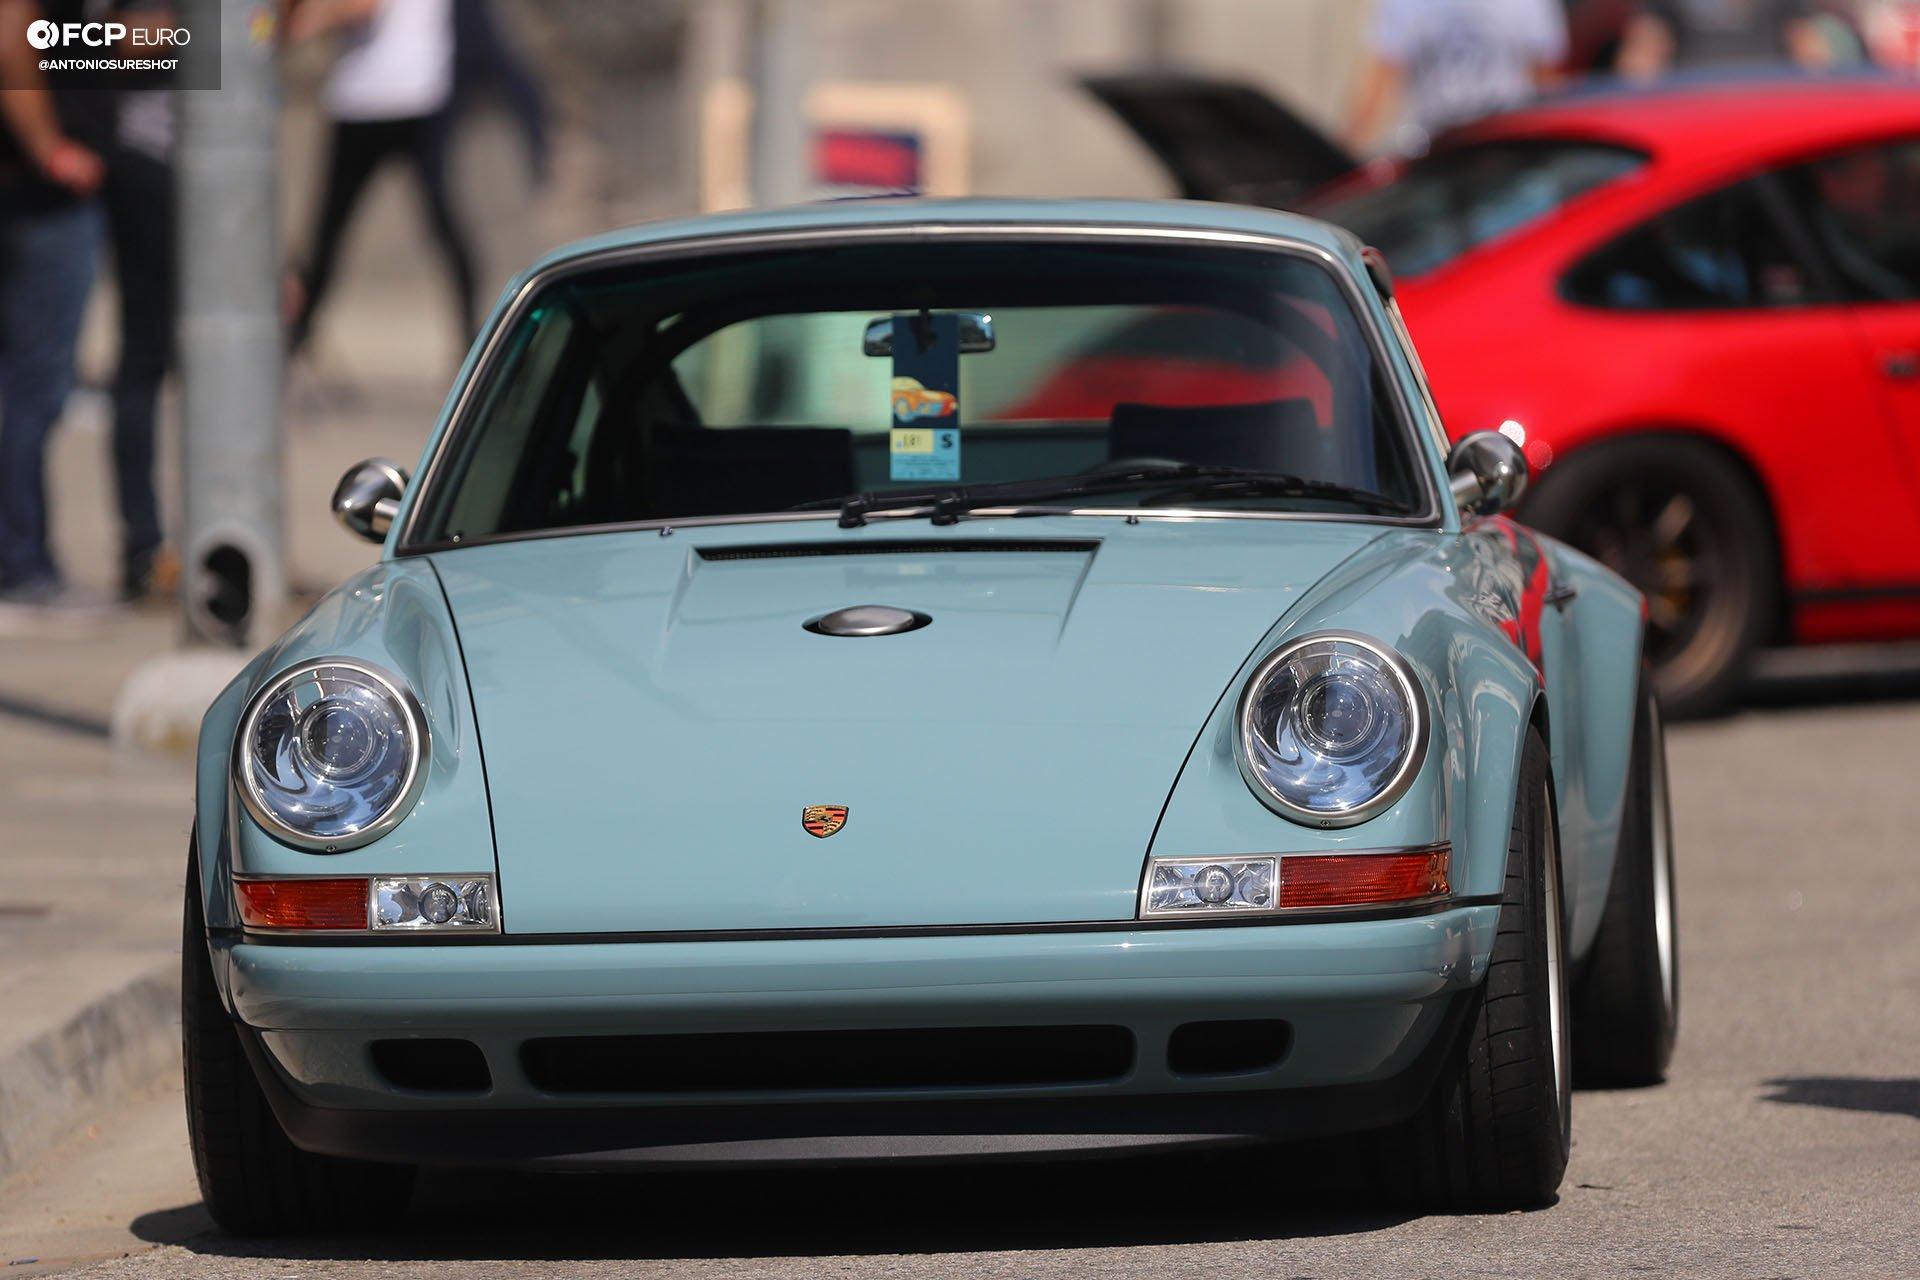 Luftgekühlt Air Cooled Porsche 964 Singer Vehicle Design